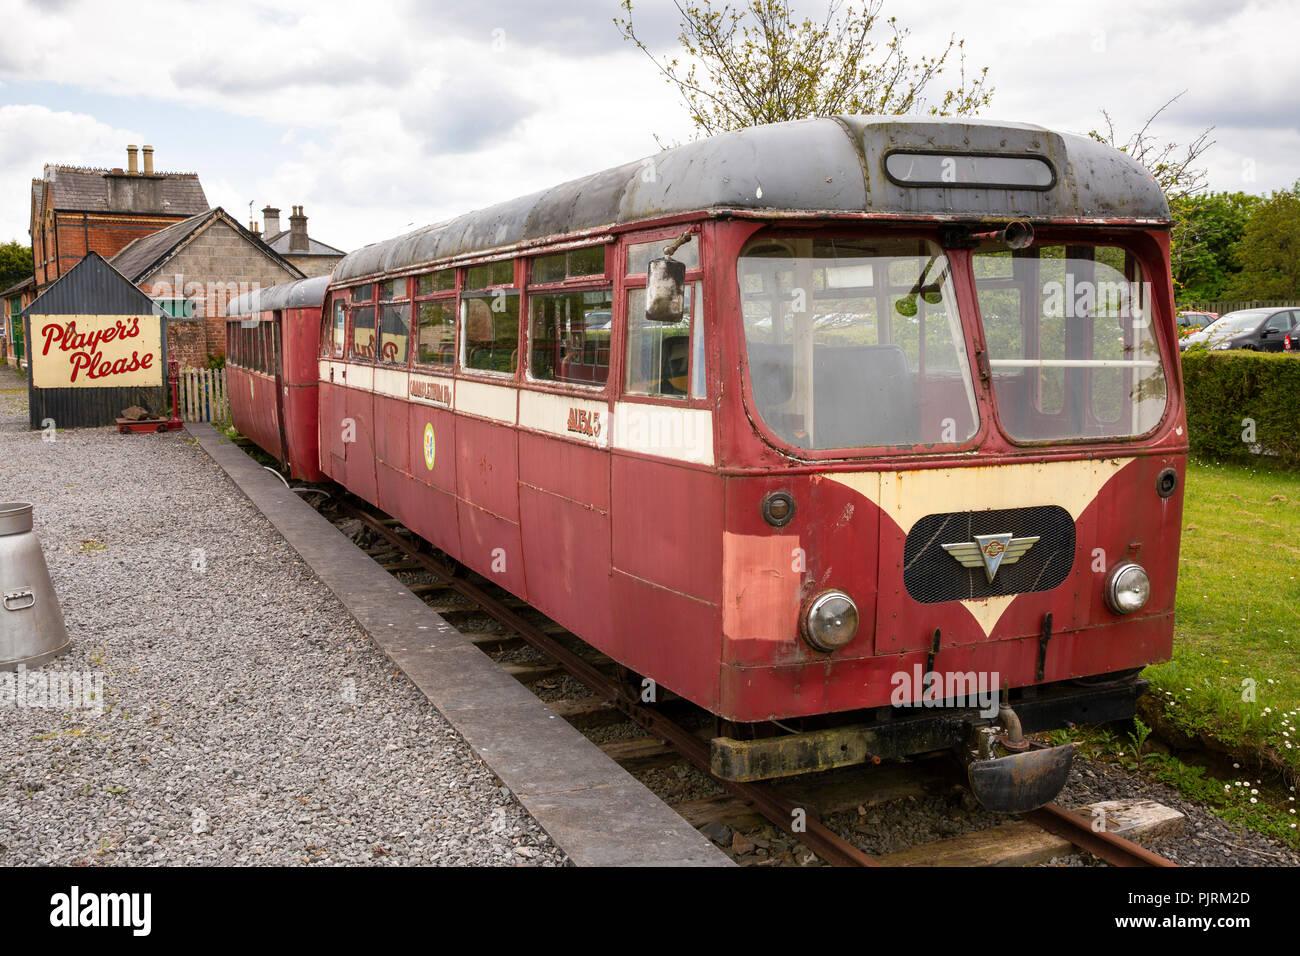 Ireland, Co Leitrim, Dromod, Cavan and Leitrim railway museum 1950s GNR(I) AEC Diesel Railcar - Stock Image